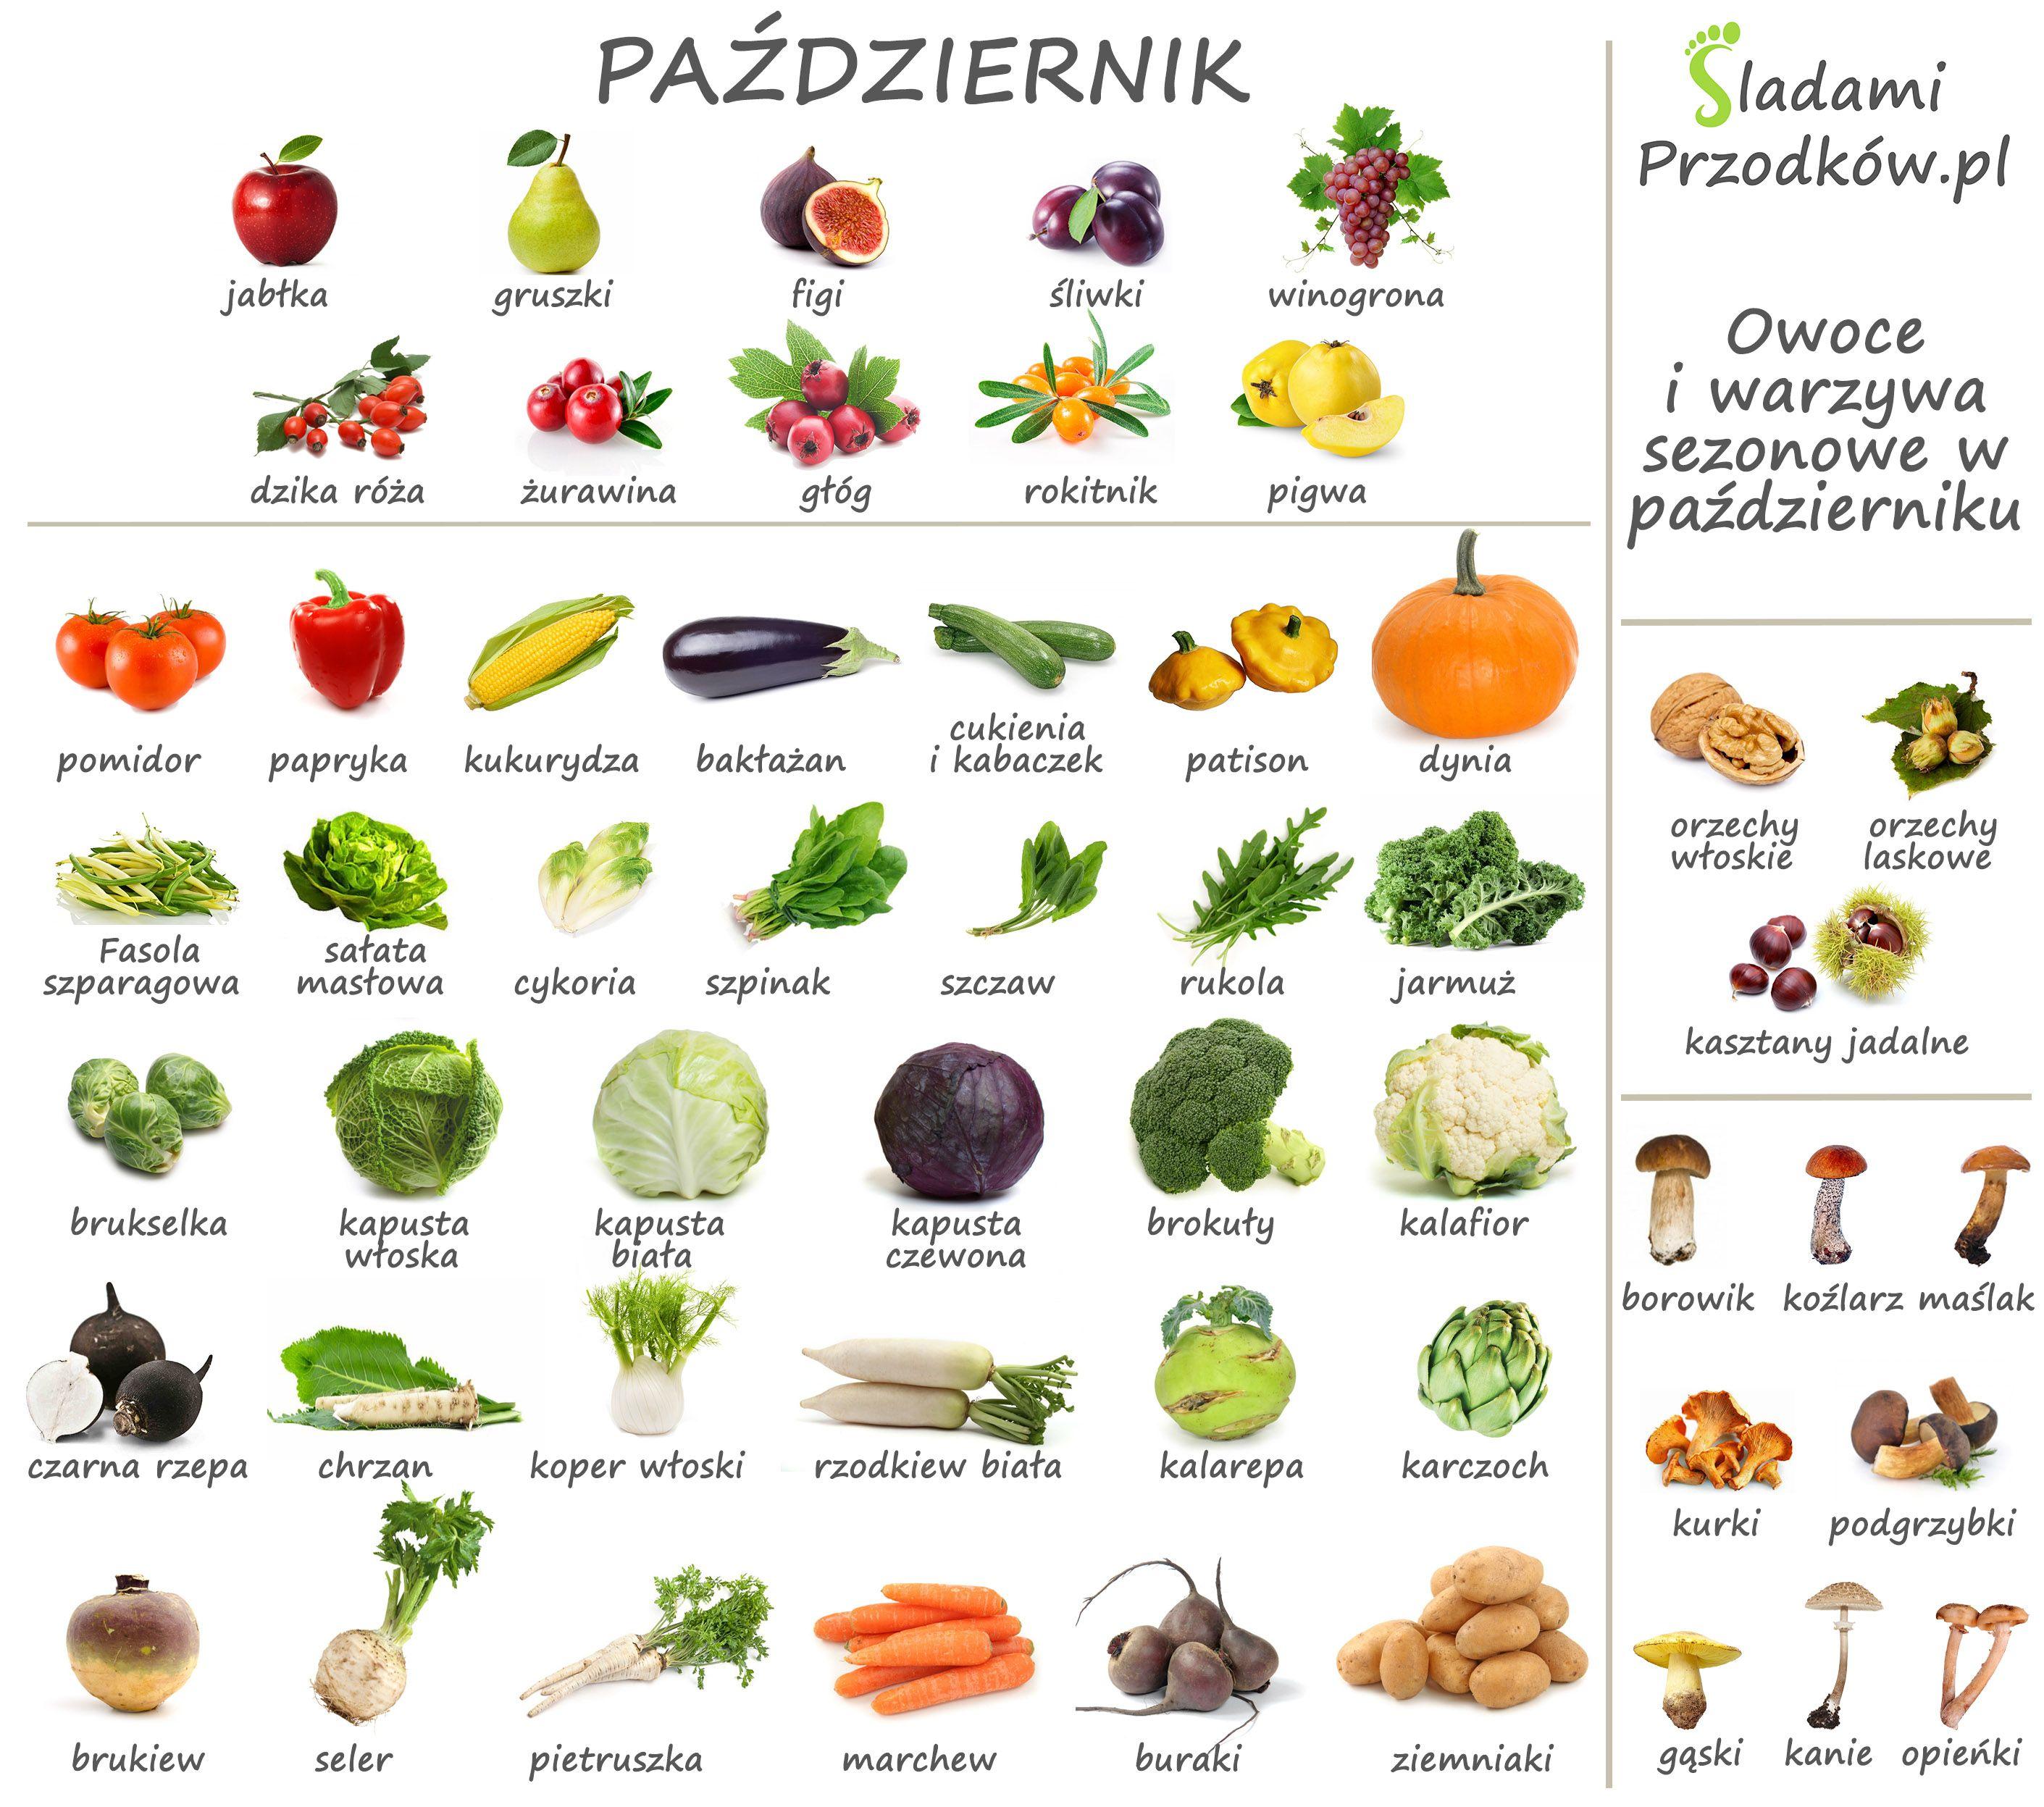 Sladami Przodkow Infografika Kalendarz Sezonowy Pazdziernik Jpg 2822 2495 Healthy Healthy Plan Healthy Recipes